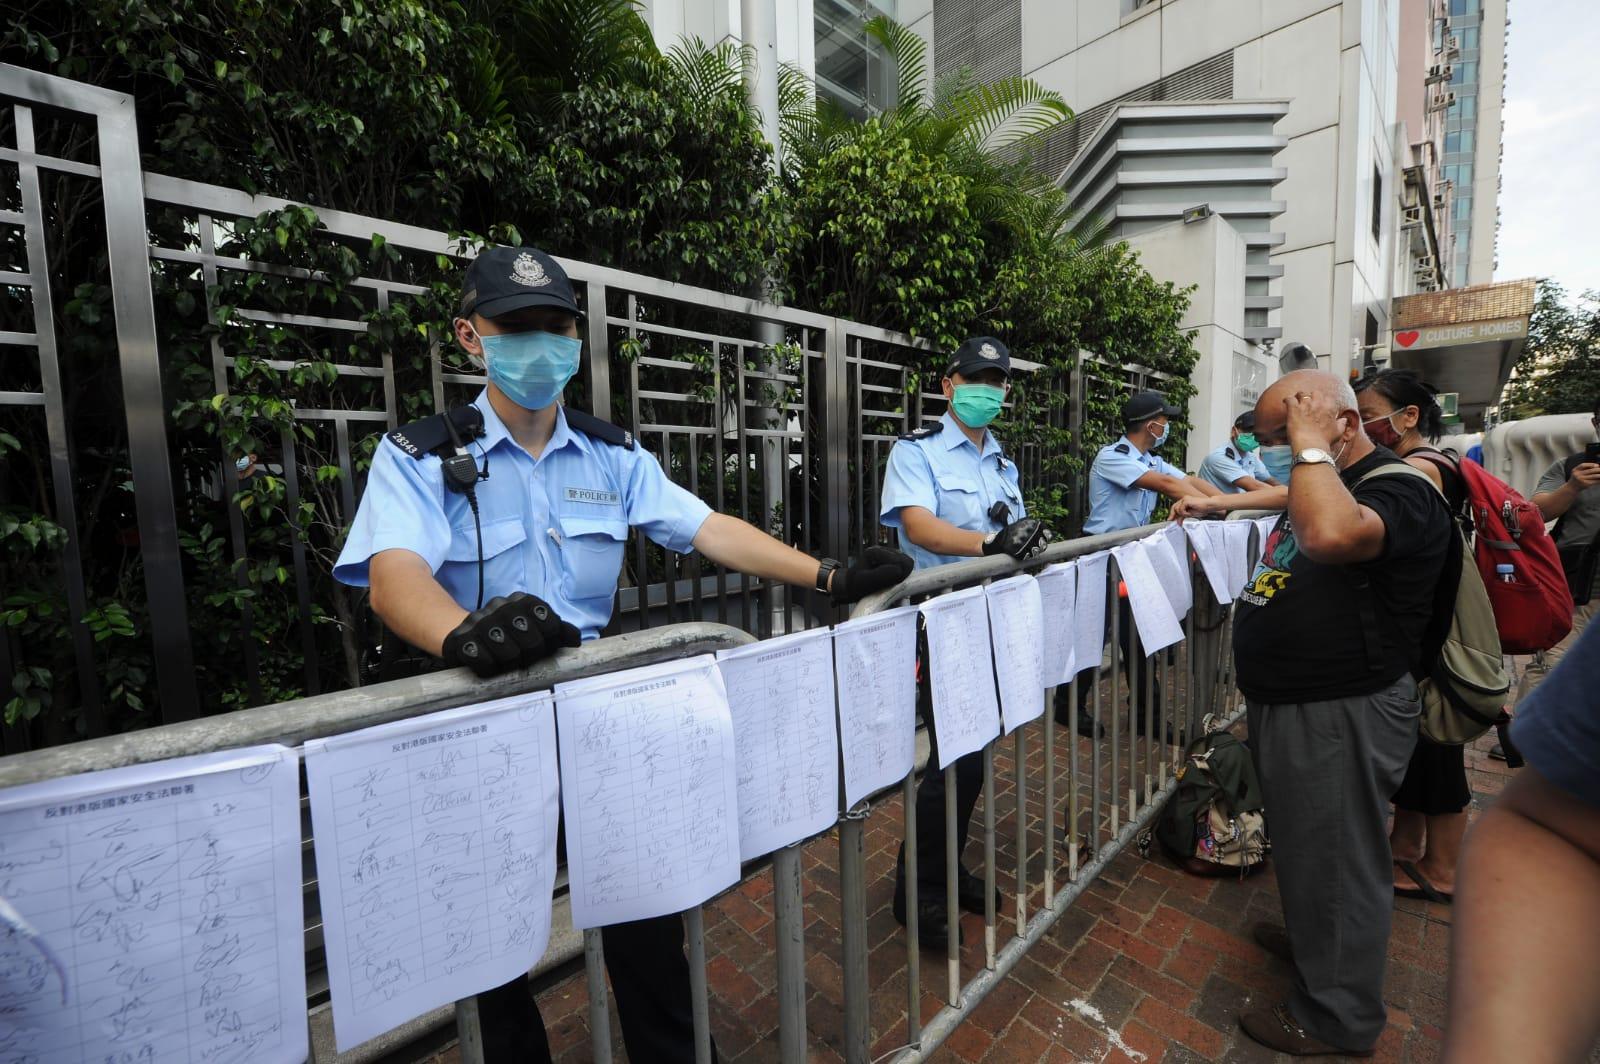 社民連將早前收集的2萬多個反「國安法」的聯署貼在中聯辦大樓外的鐵柵欄(鐵馬)上,有數十名全副武裝的警員在中聯辦外戒備。(宋碧龍/大紀元)